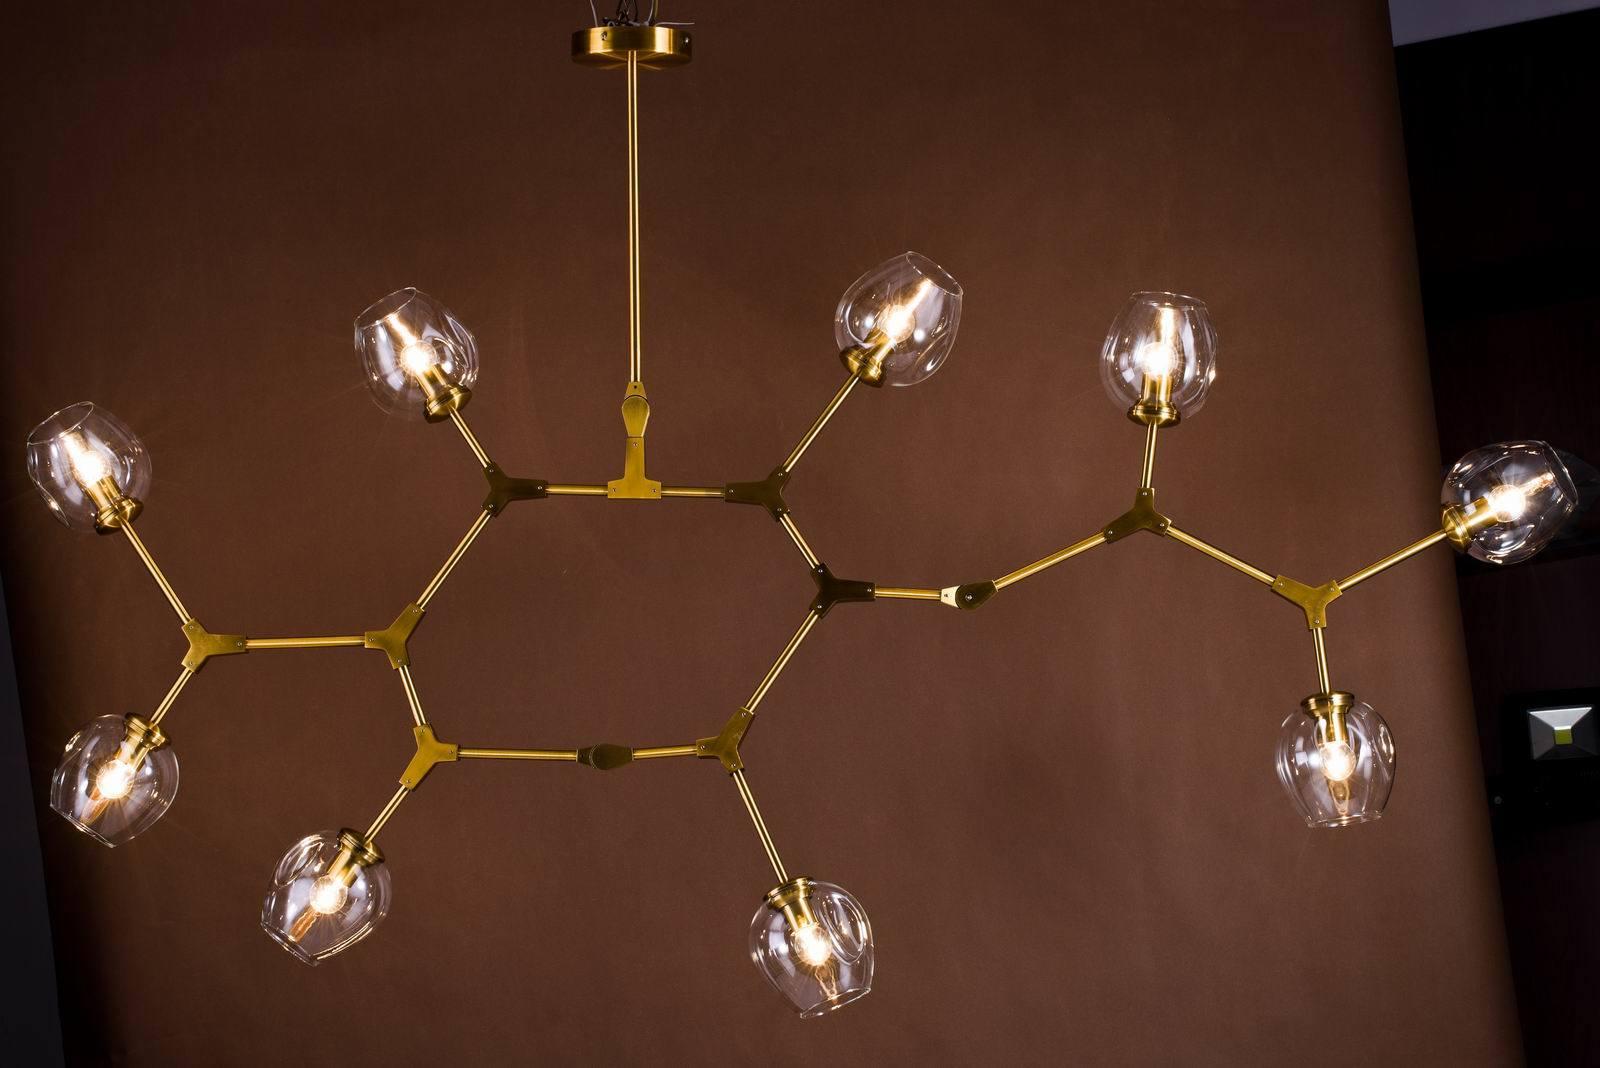 Modern Glass Chandelier Lamp (WHG-180)